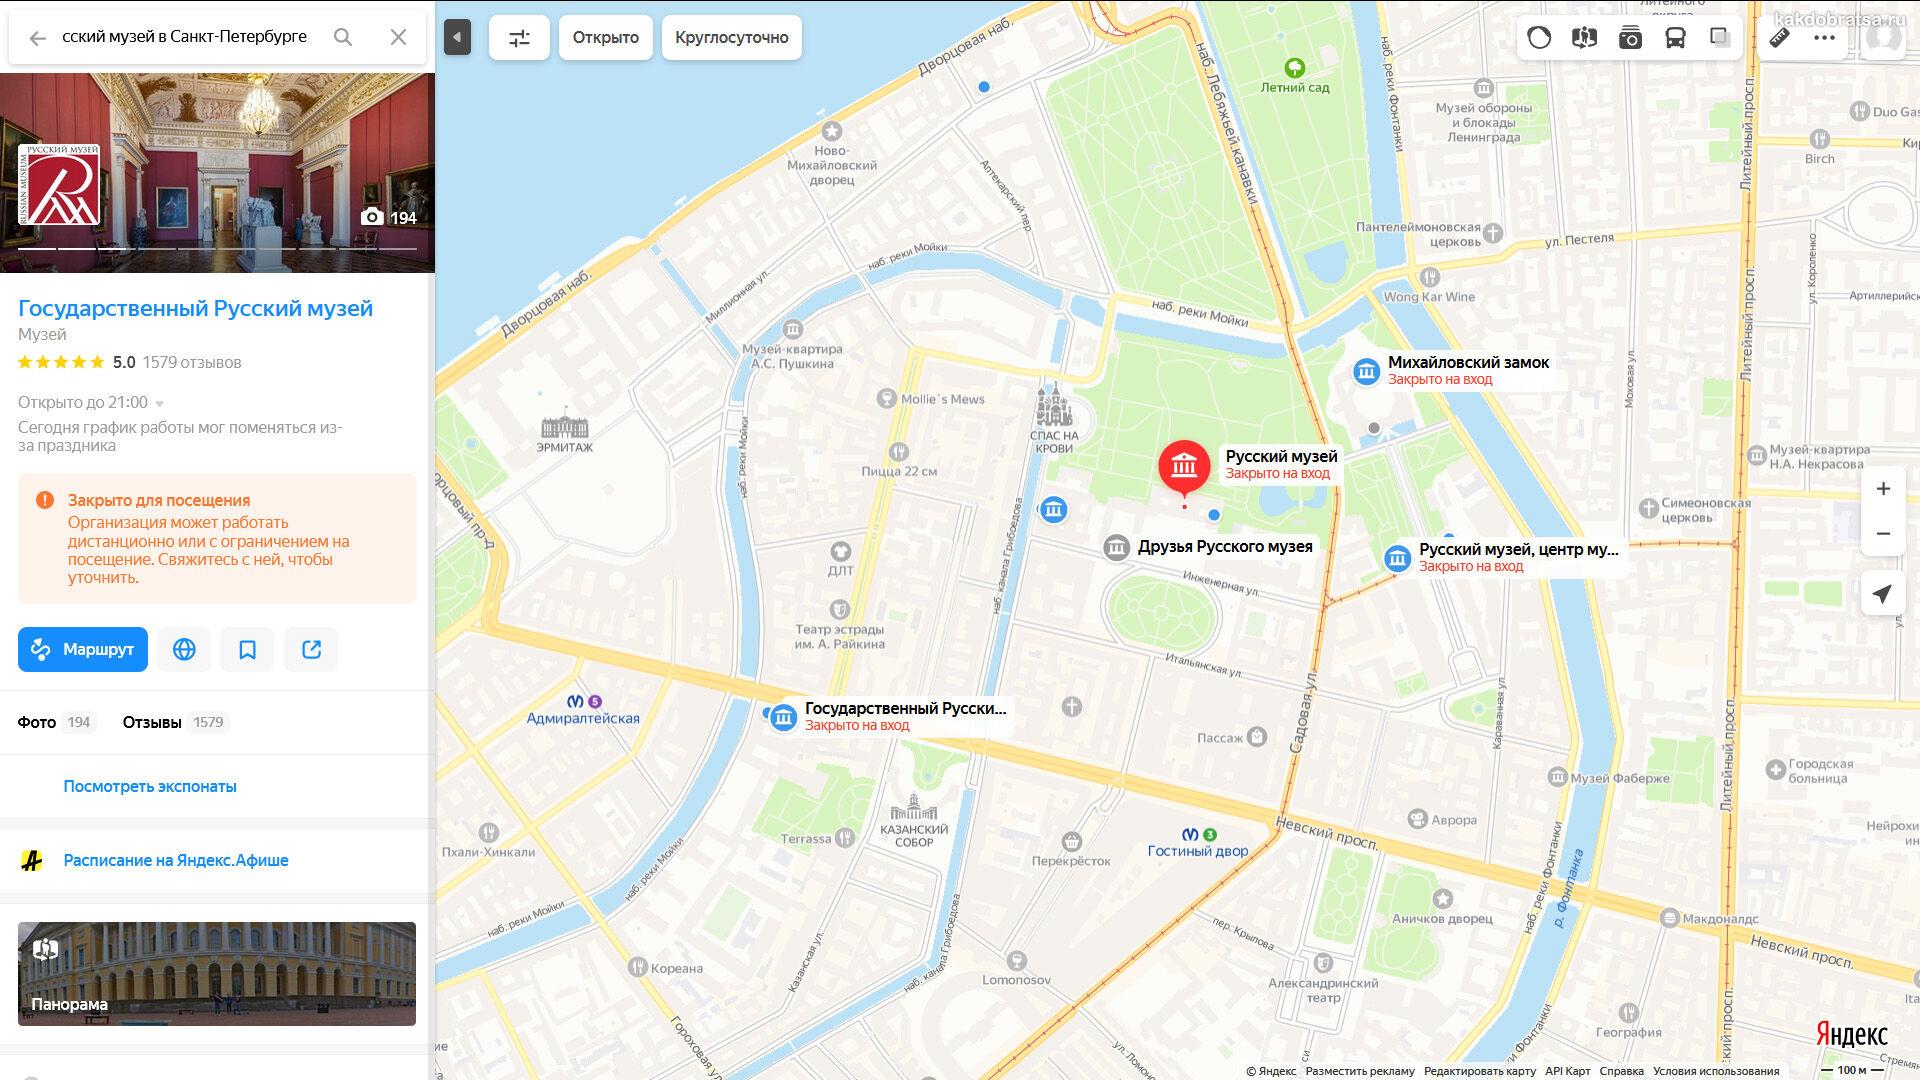 Где находится Русский музей и адрес